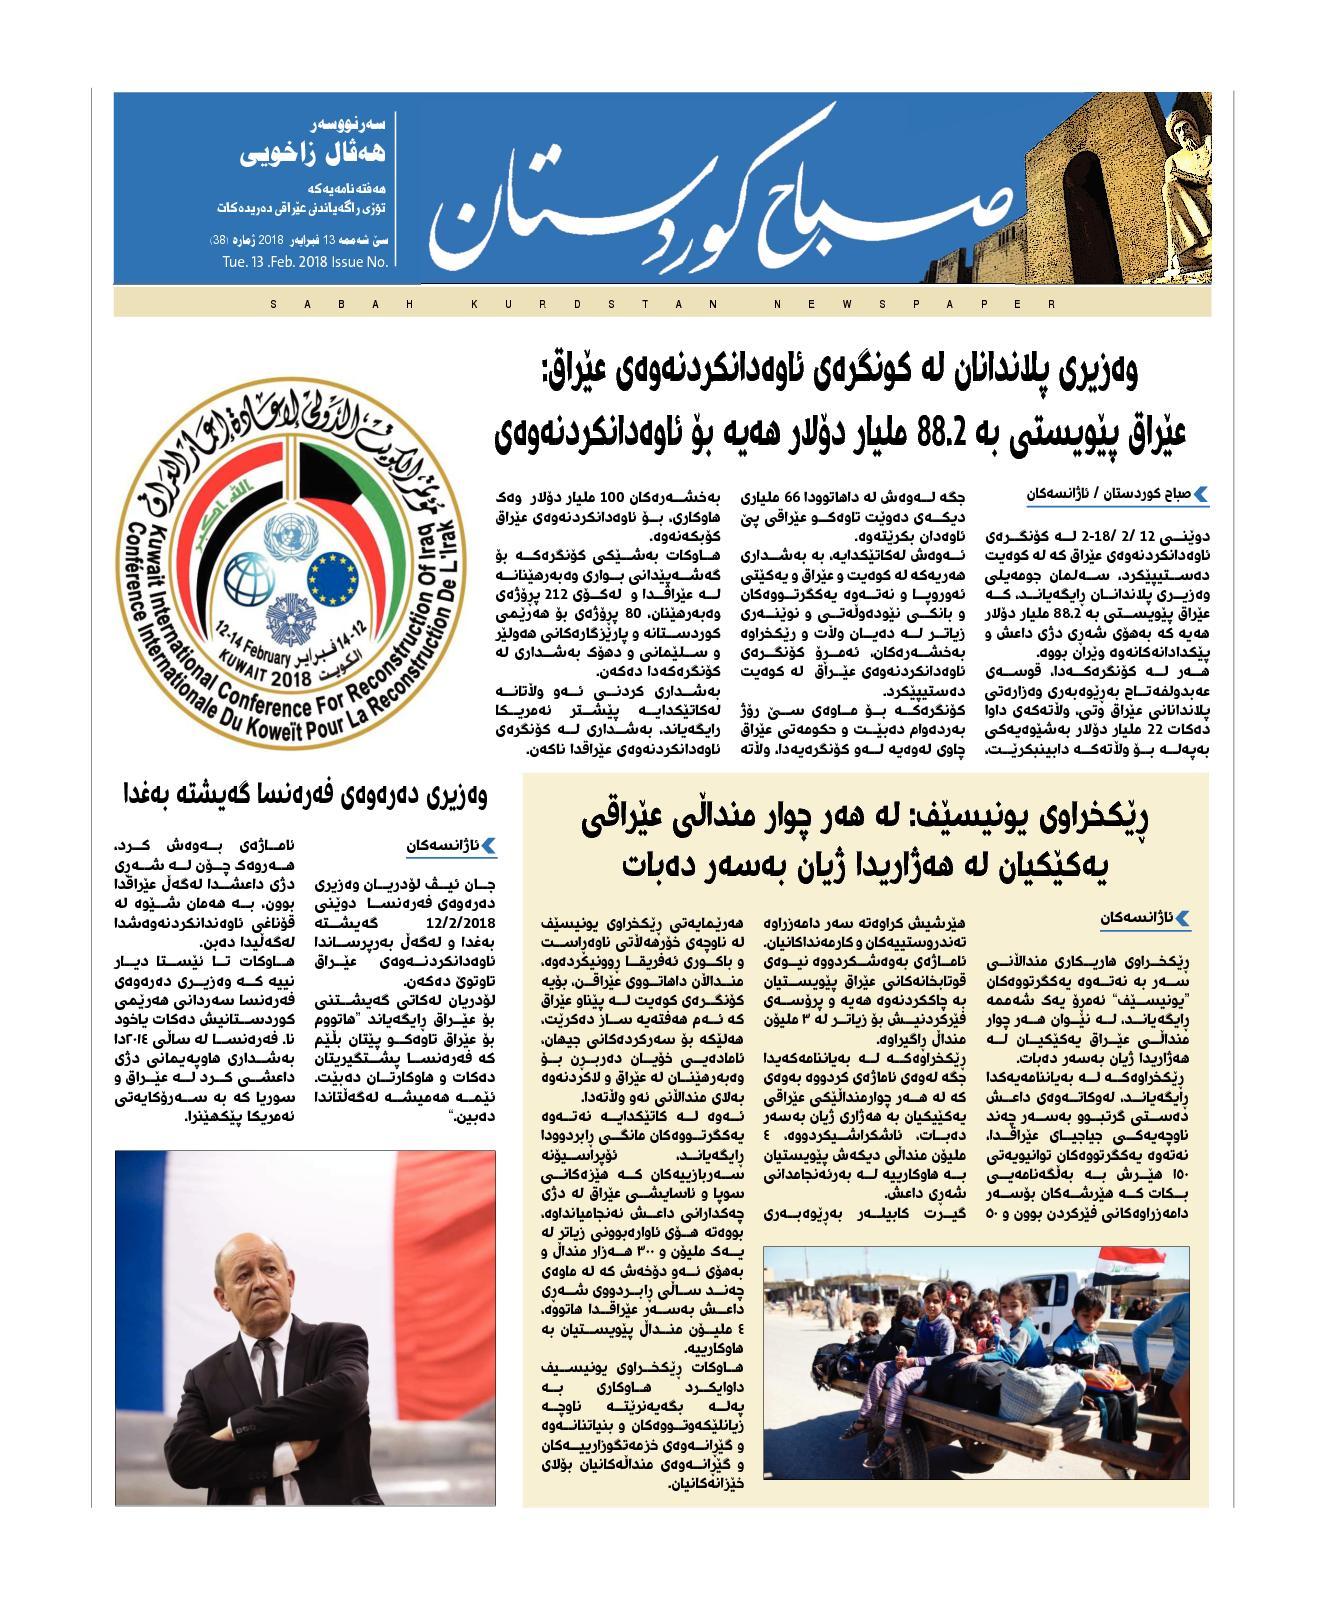 رۆژناما صباح كوردستان ژماره 38